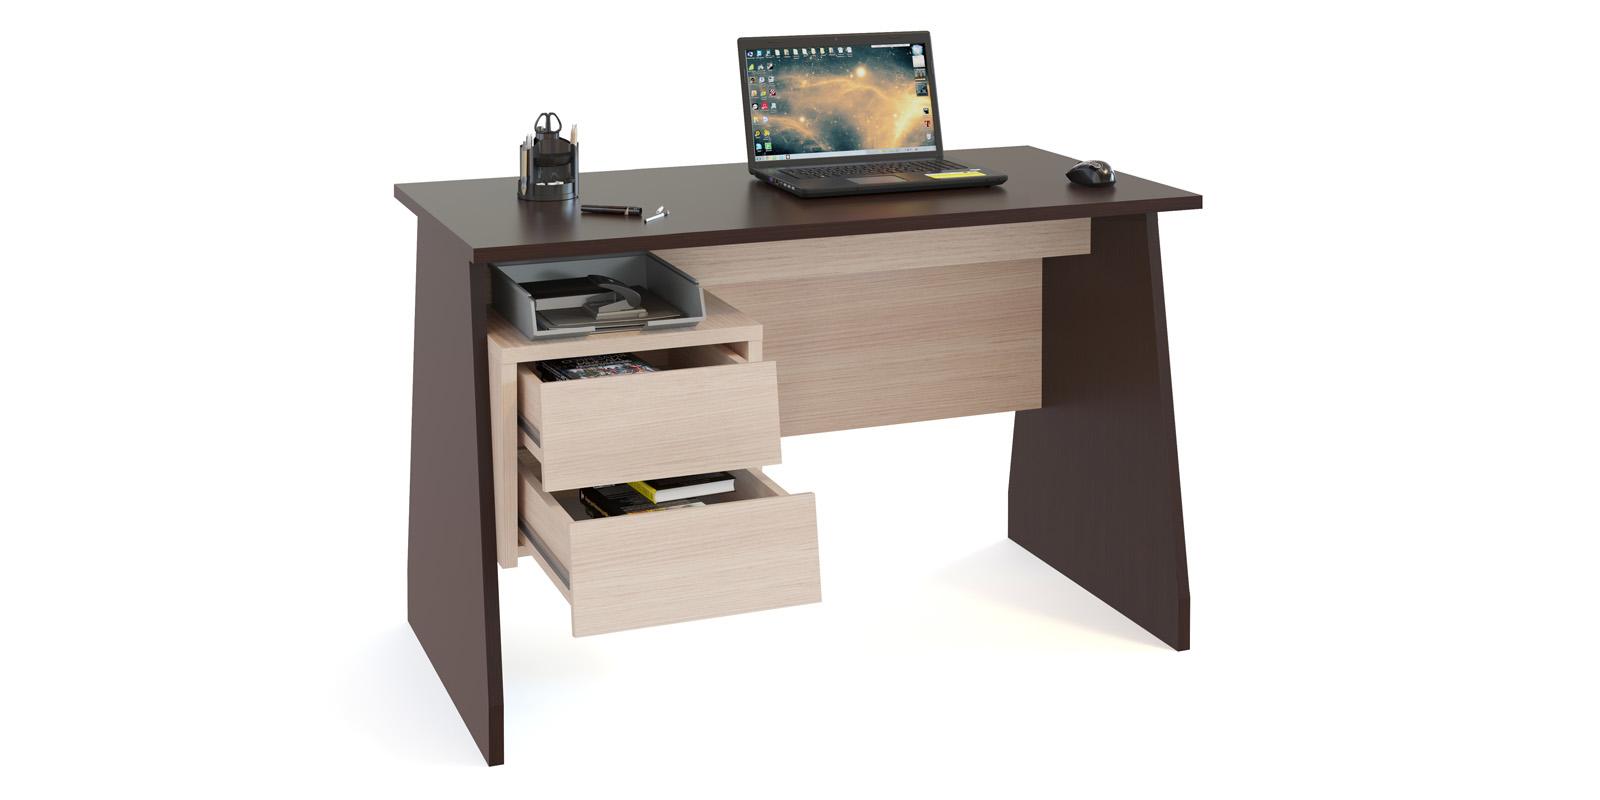 Стол компьютерный Савона (венге/беленый дуб)